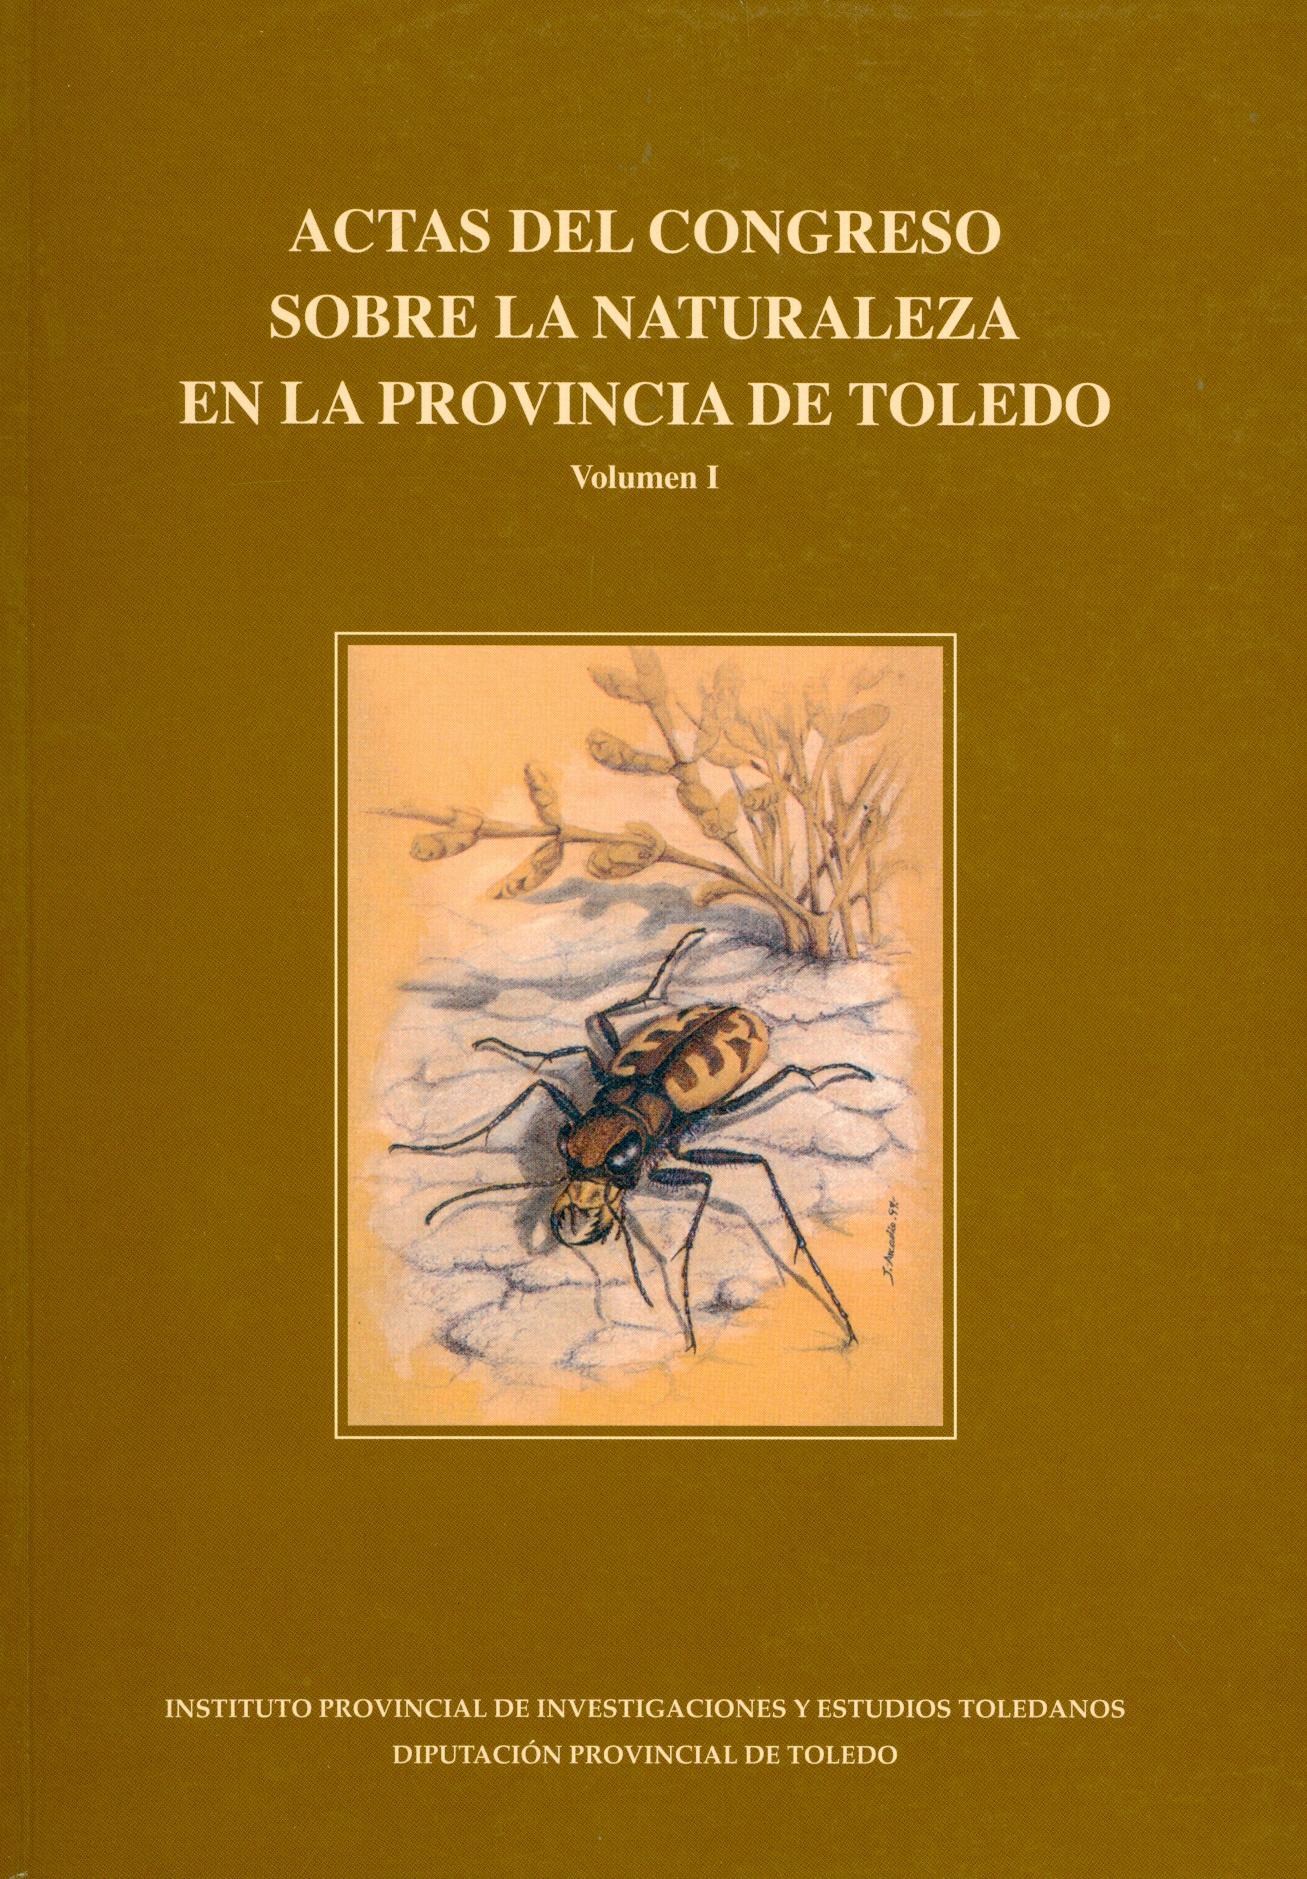 Actas del Congreso sobre la Naturaleza en la provincia de Toledo